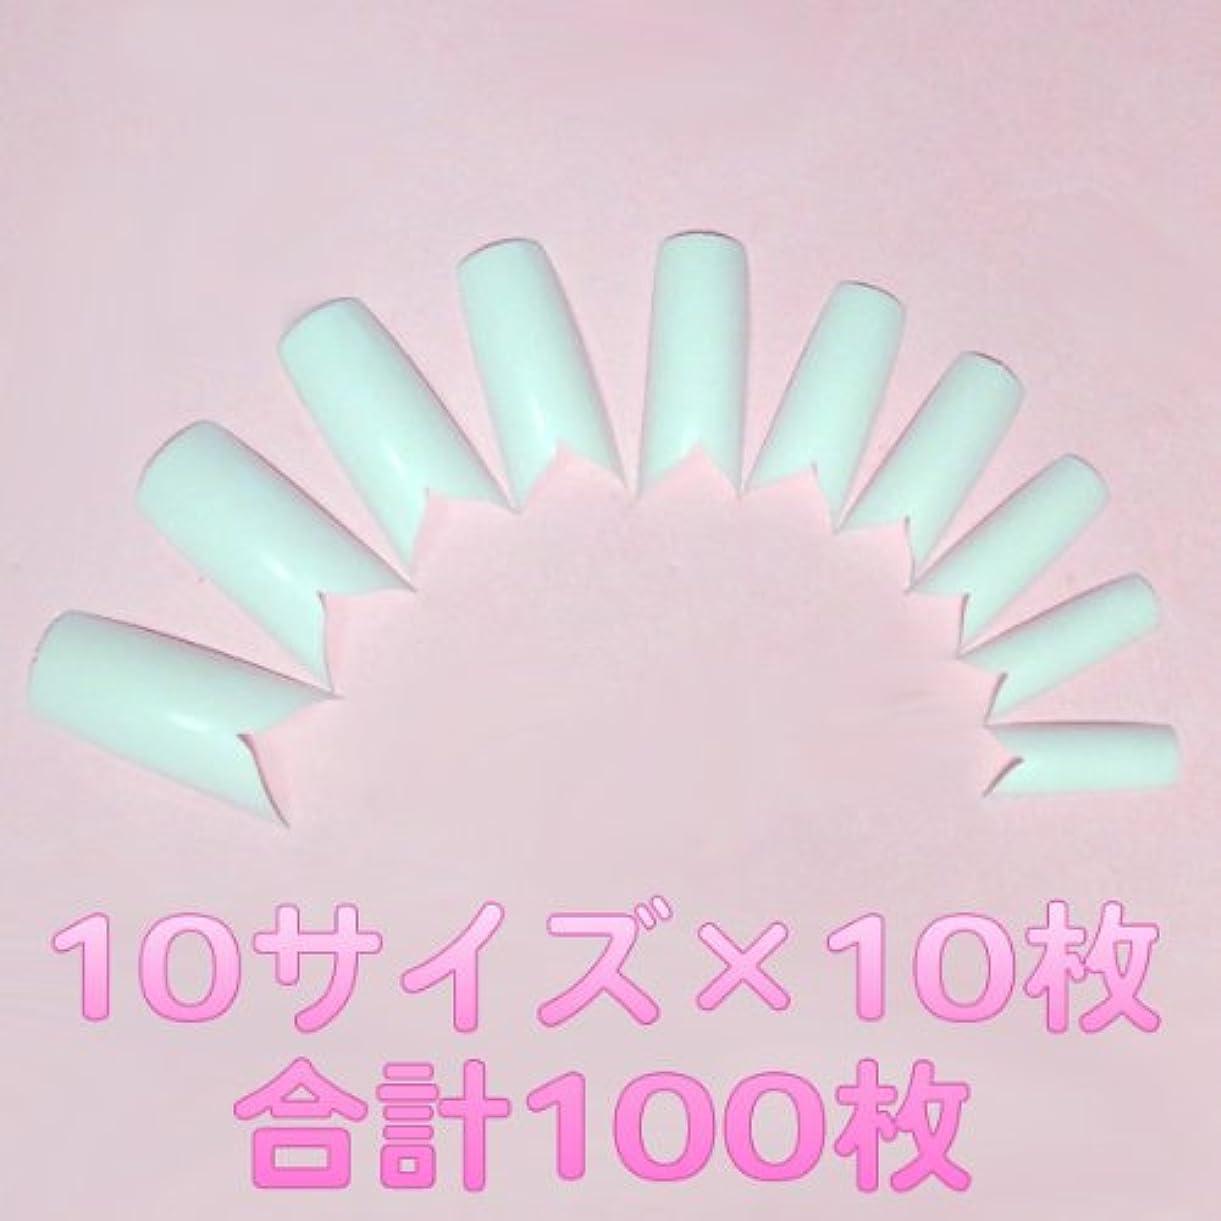 ネイルチップ フレンチホワイト ハーフタイプ シャープなスマイルライン[#c1] つけ爪付け爪